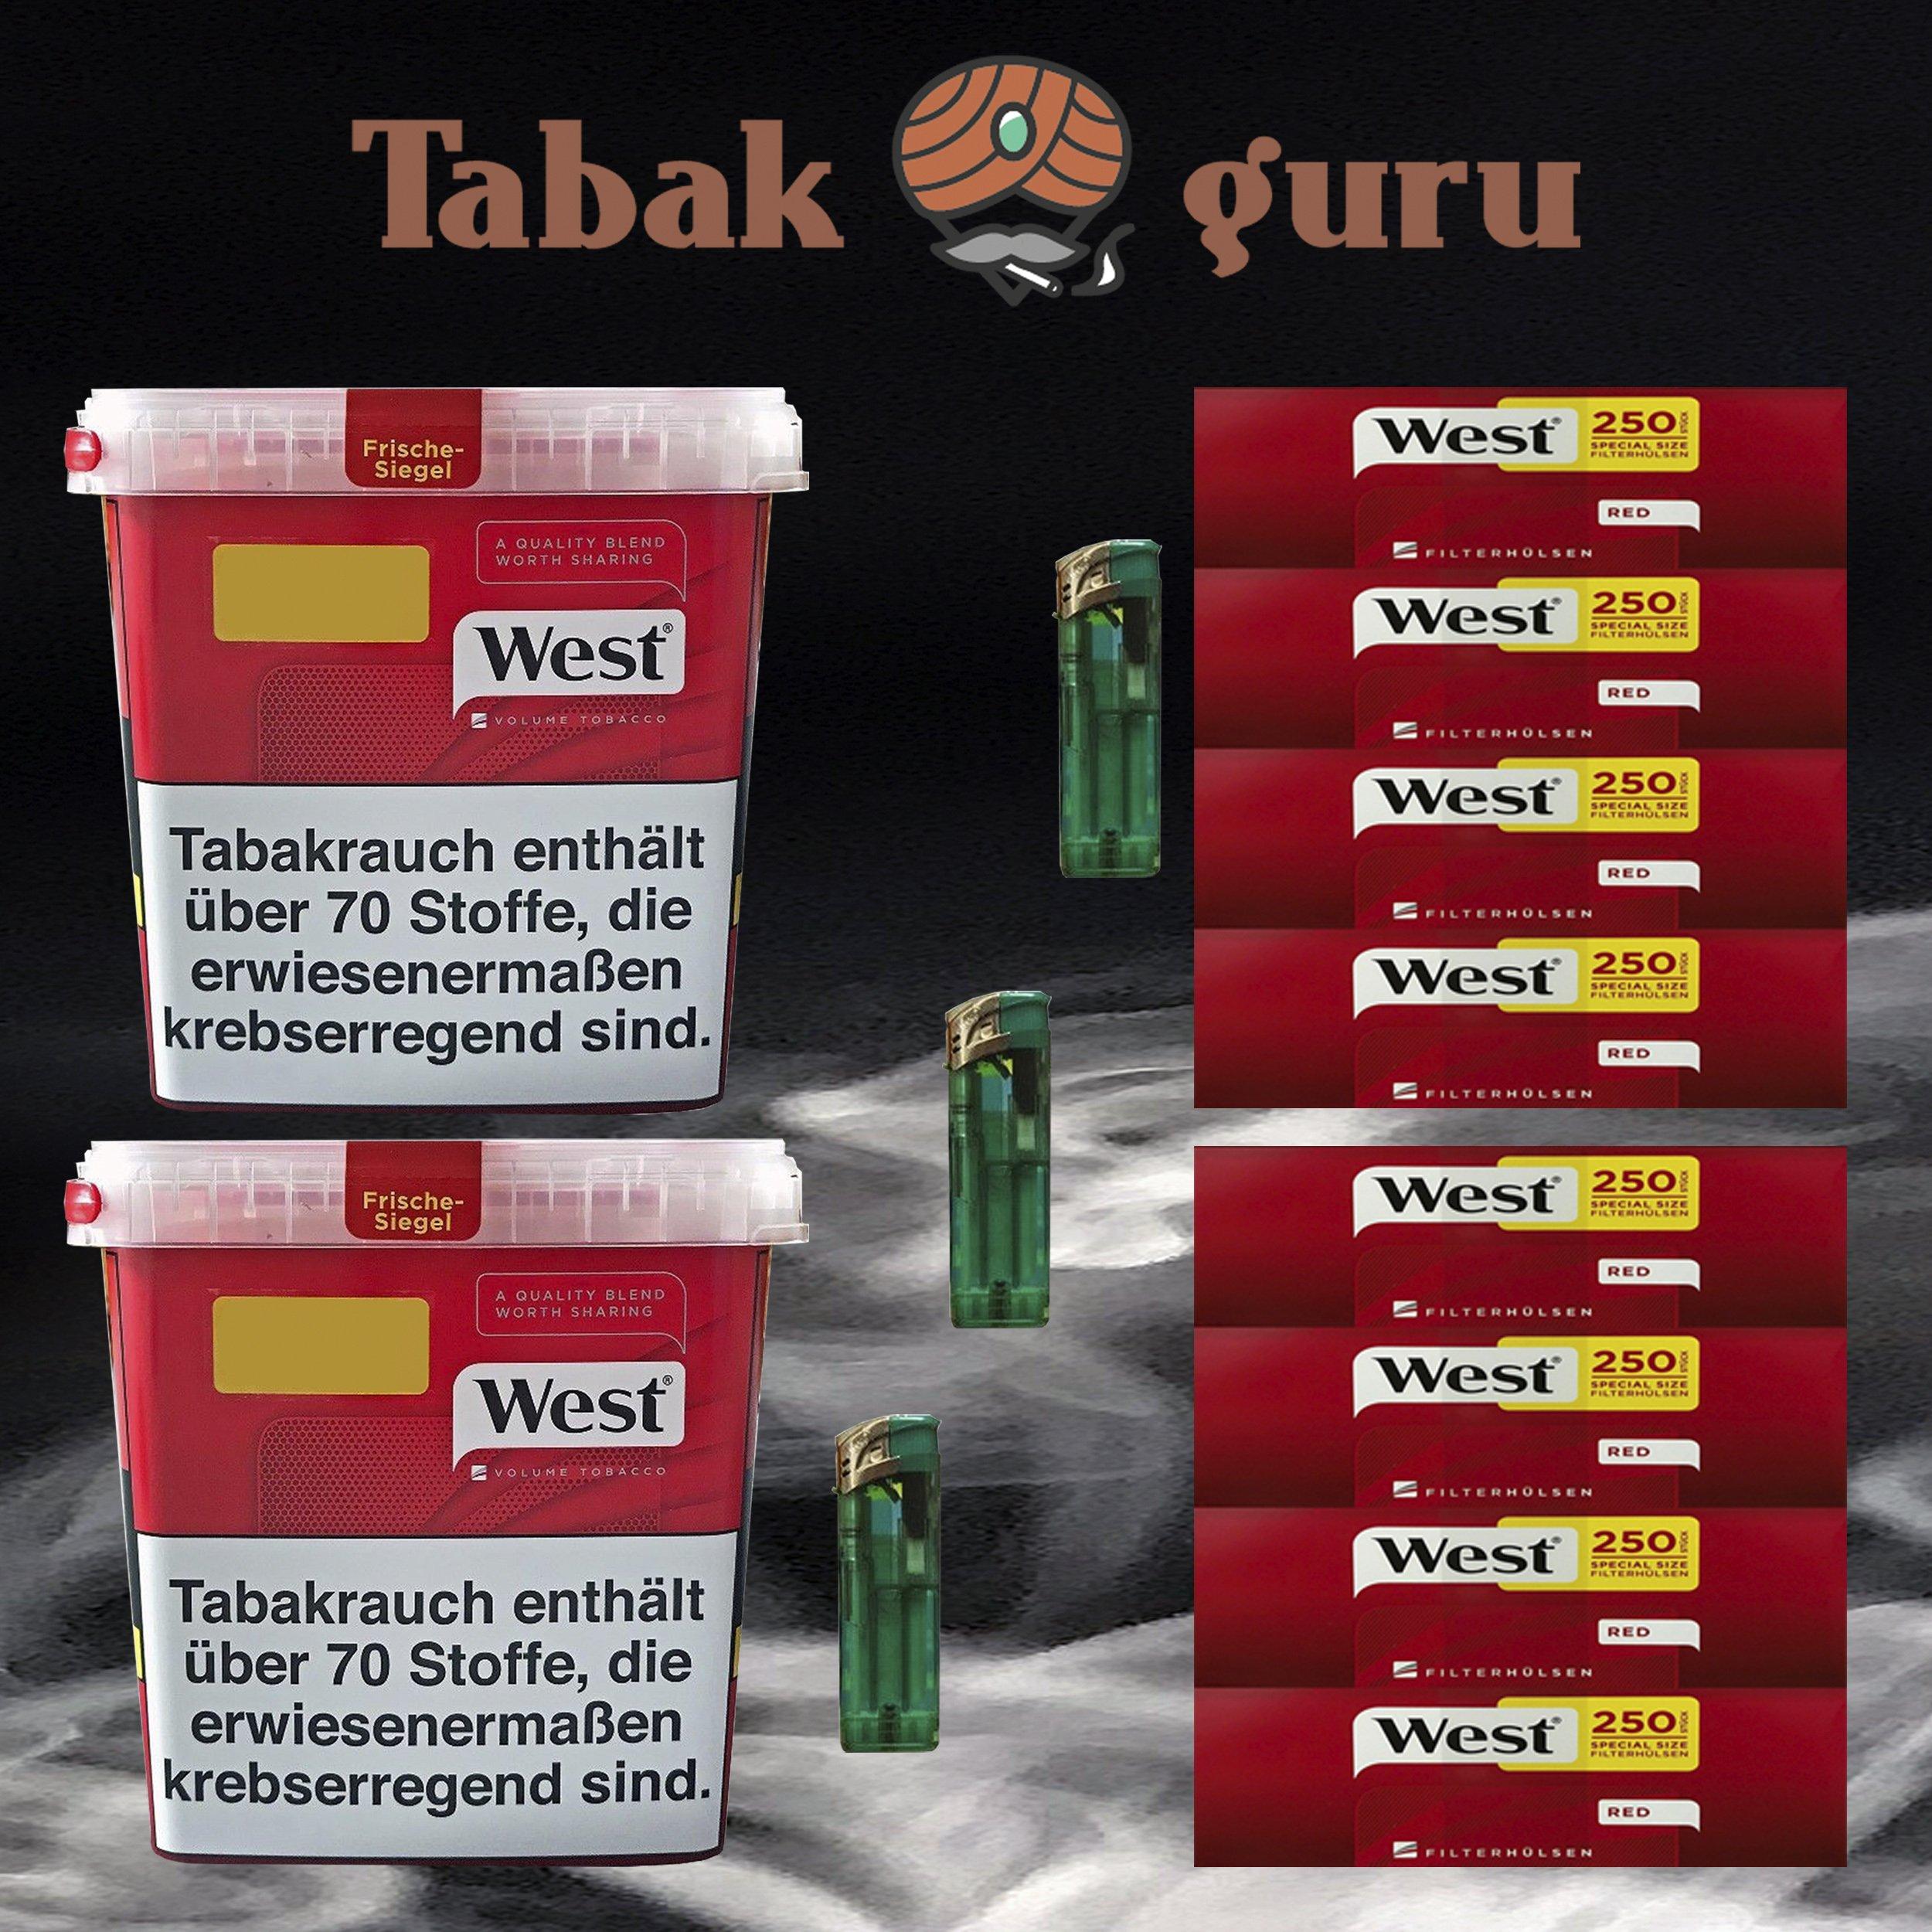 2x West Tabak / Volumentabak Mega Box 280 g, 2000 West Extra Hülsen, Feuerzeuge